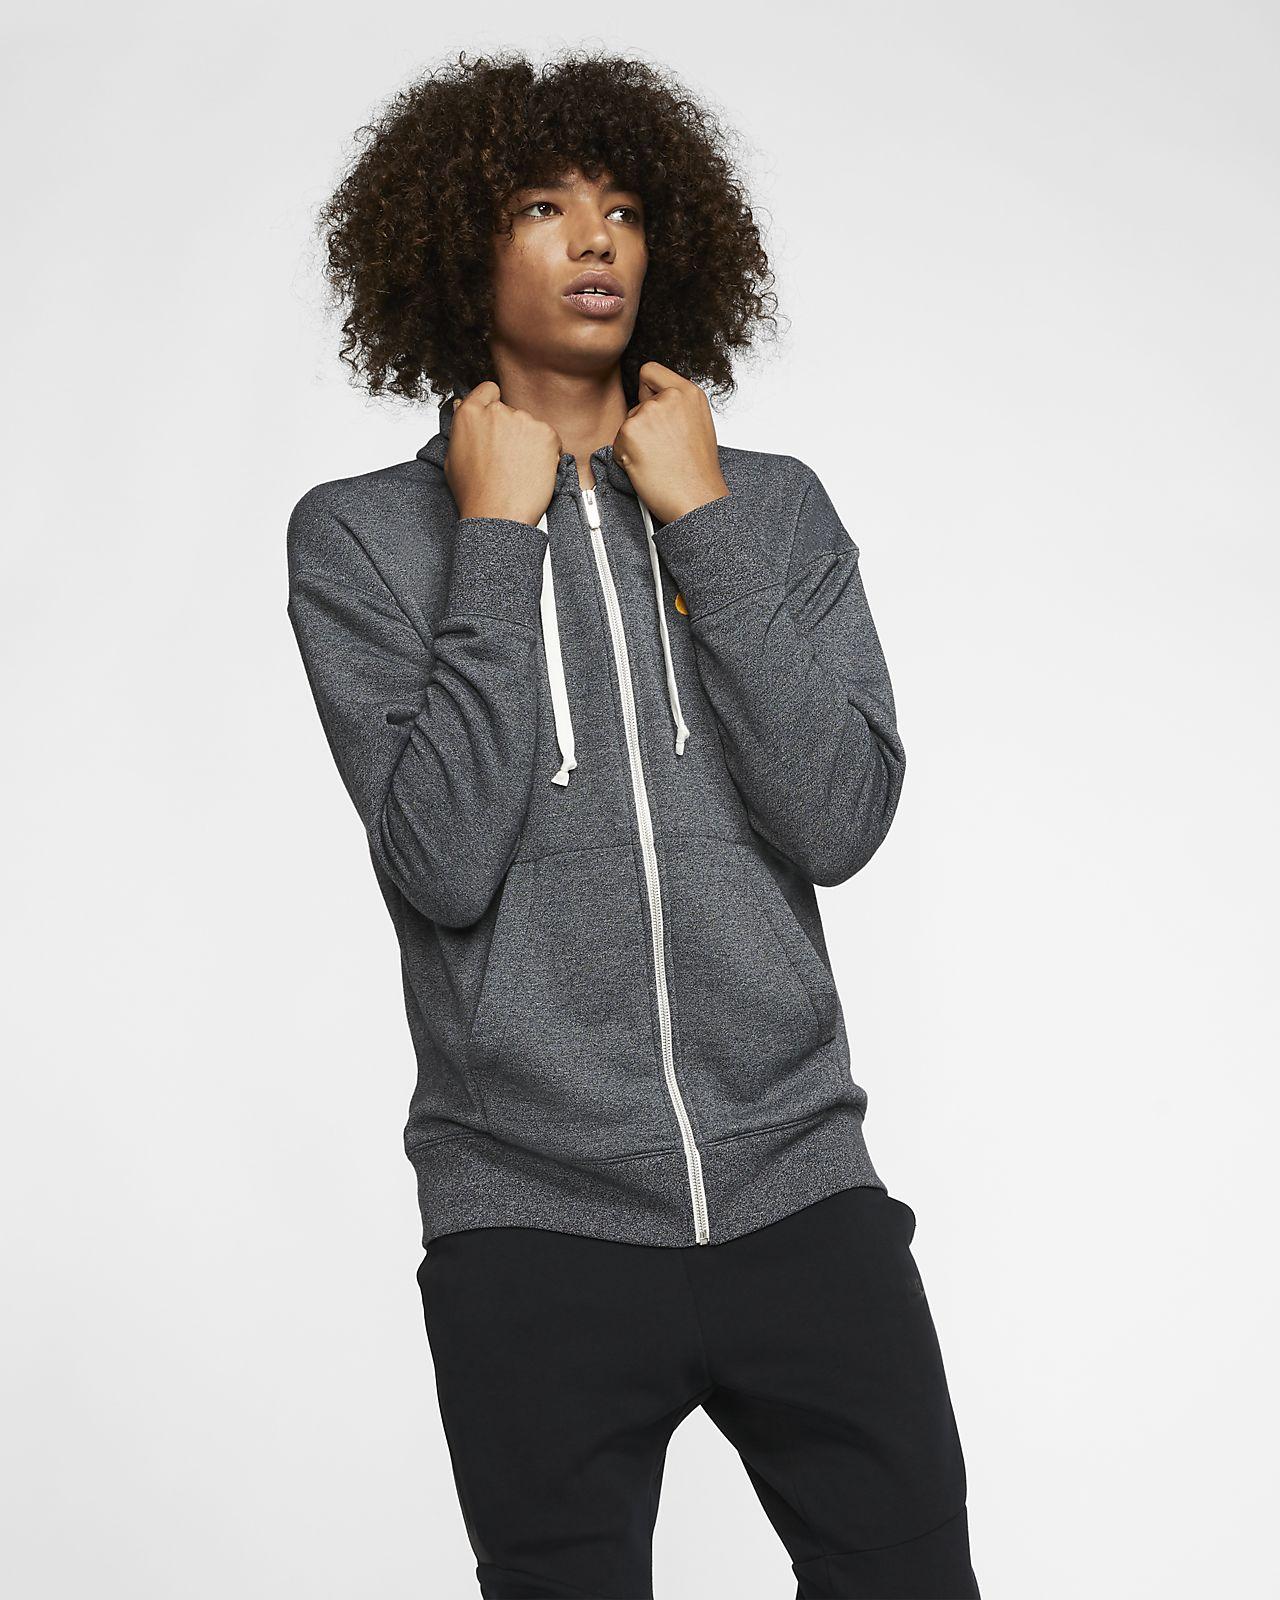 kup tanio sprzedaż obuwia jakość Męska bluza z kapturem i zamkiem na całej długości Nike Sportswear Heritage